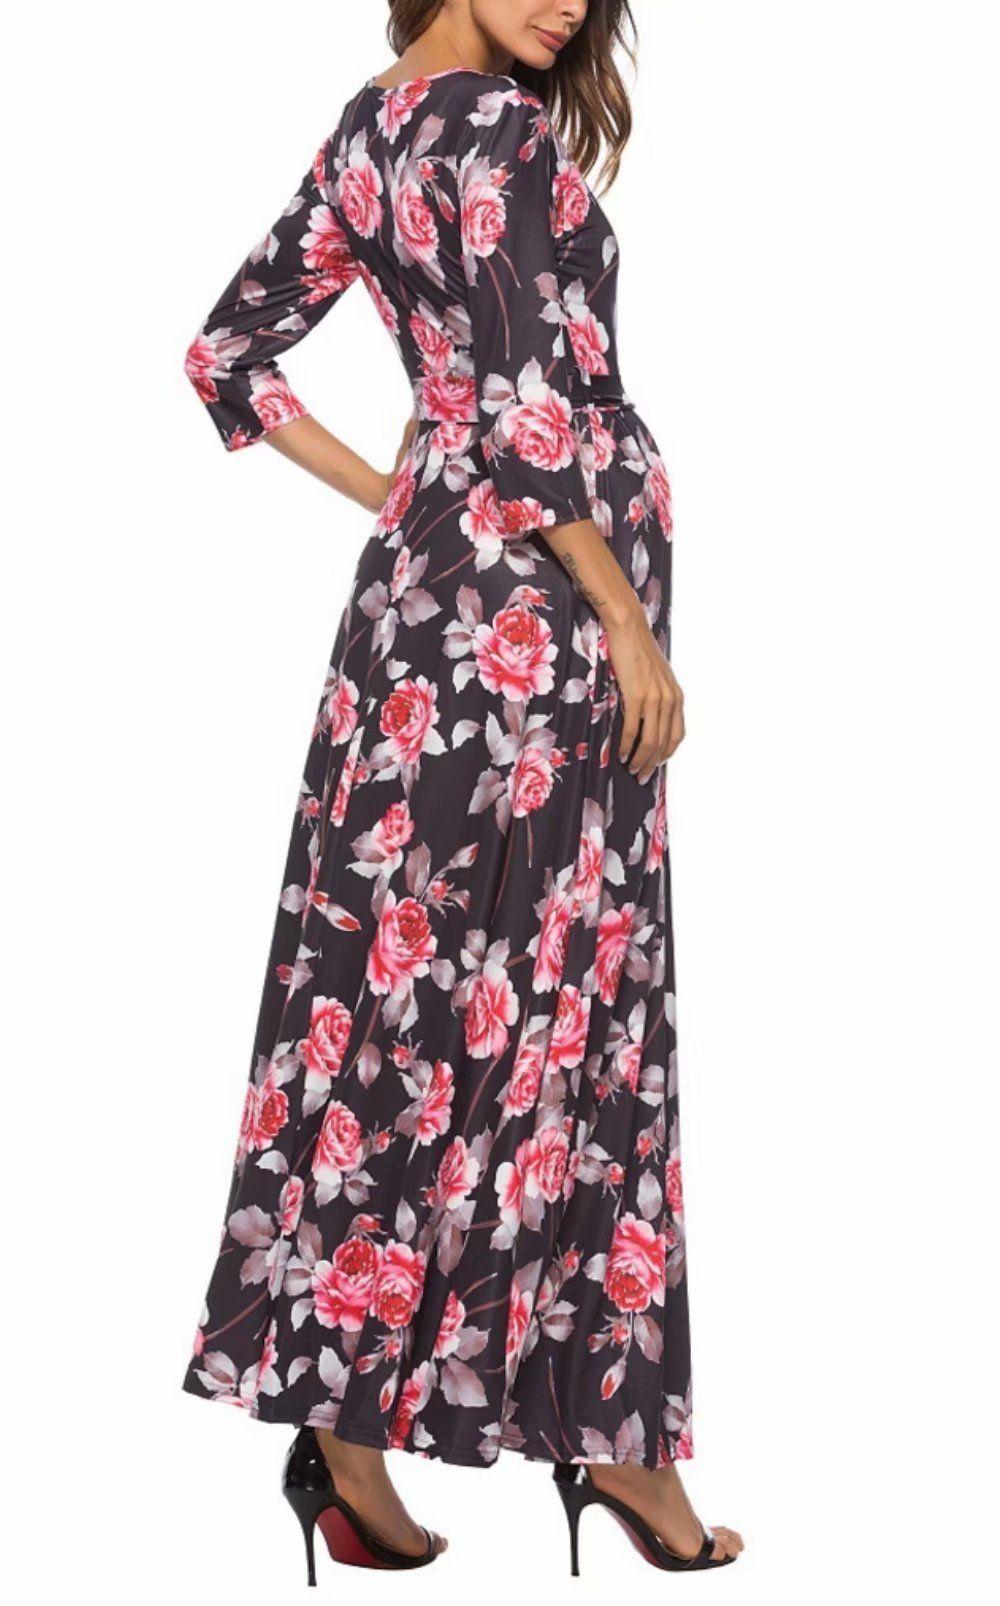 Maternity fashion modest maternity maxi dress jinting women